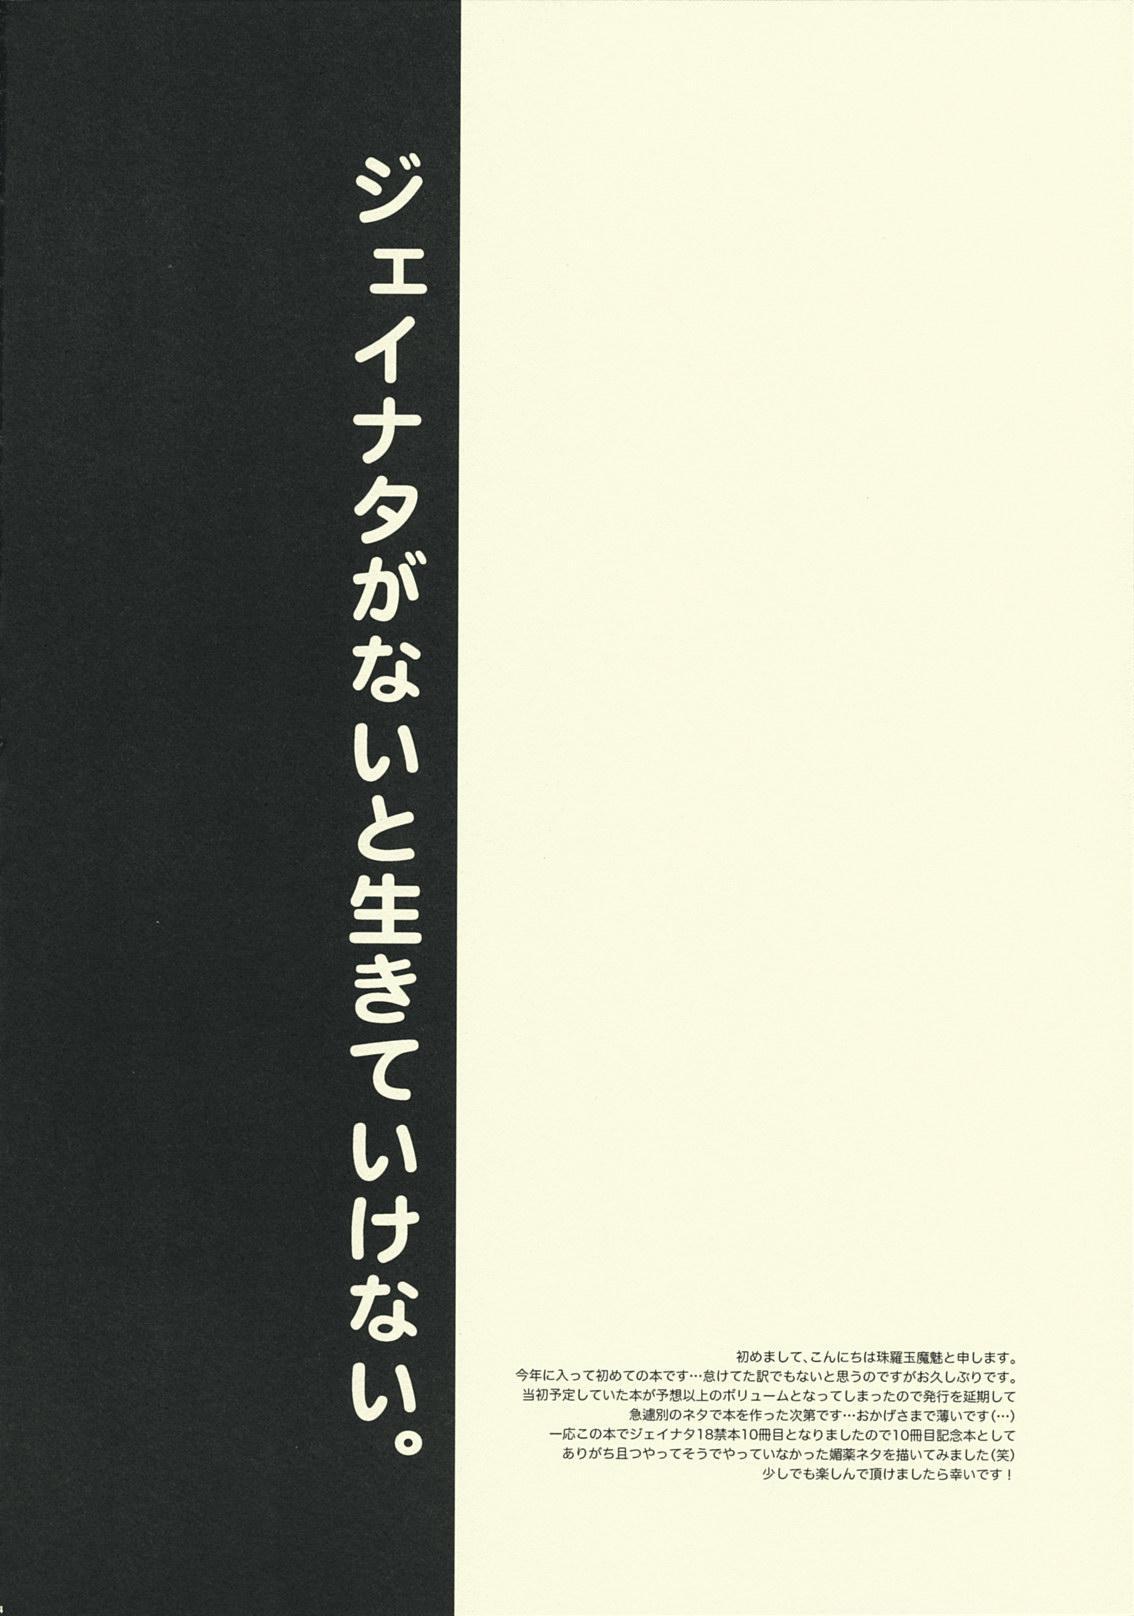 (SUPER18) [Shinsen Gokuraku (Shuragyoku Mami)] NO-JN-NO-LIFE (Tales of the Abyss) 2